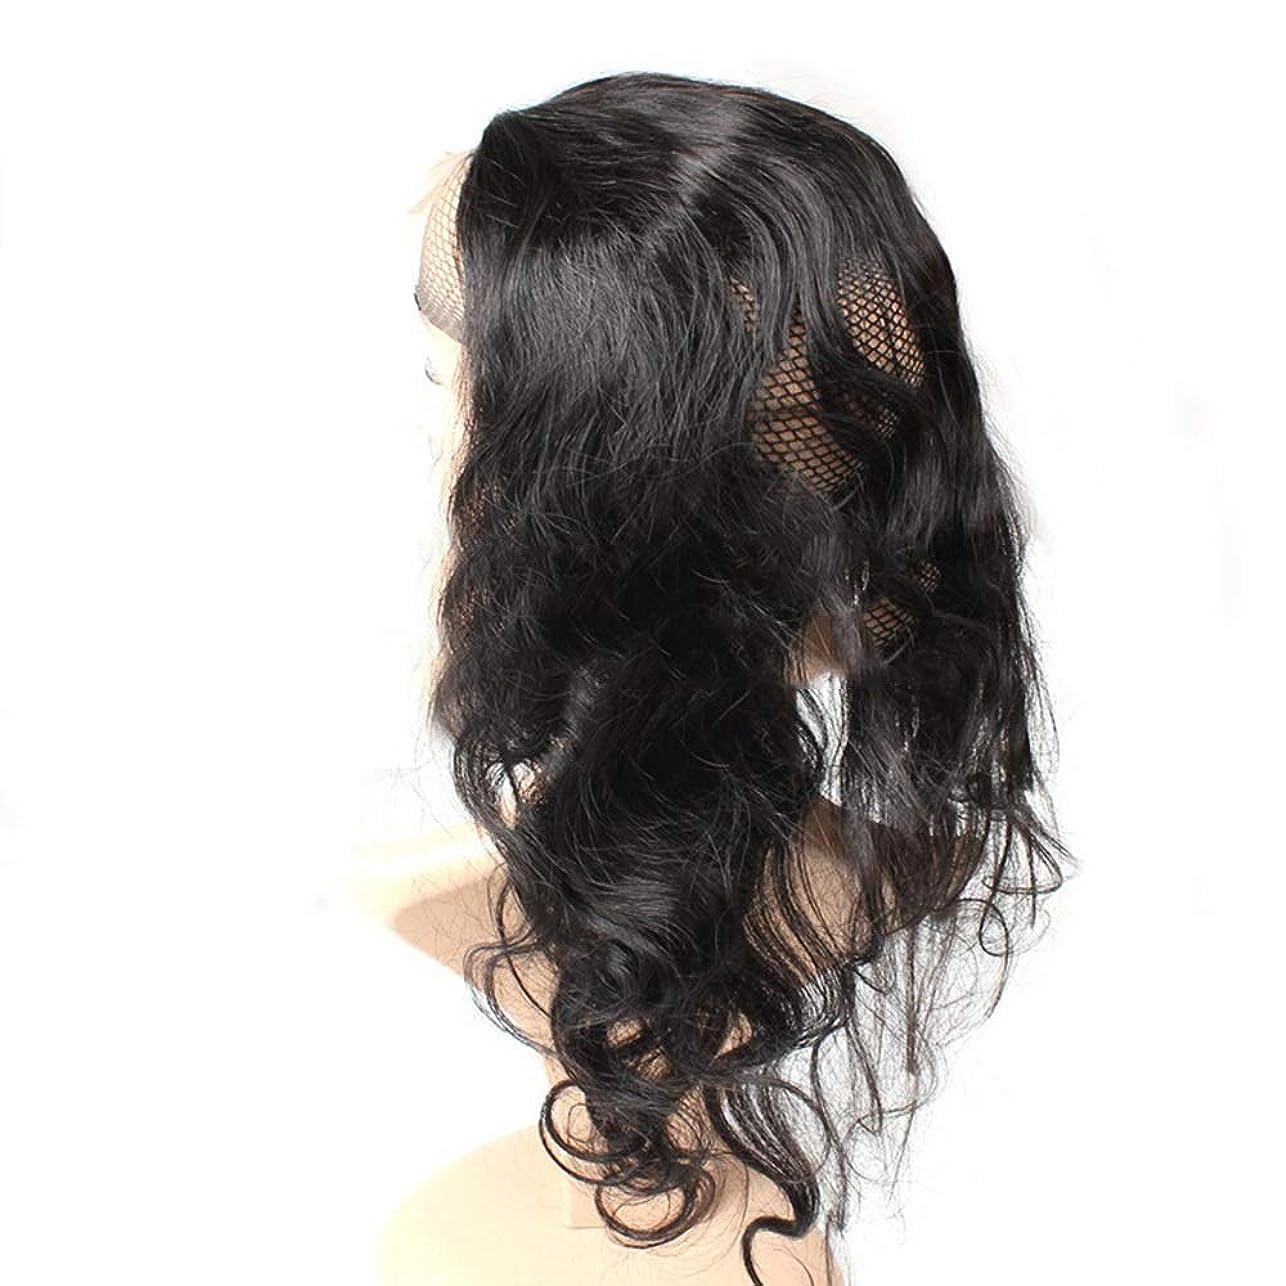 取り付け誇りに思う内なるYrattary 人間の髪の毛のかつら360レース前頭かつらブラジルのバージンヘアエクステンション実体波フルレースのかつら黒人女性用(8インチ-22インチ、225密度)パーティーかつら (Color : ブラック, サイズ : 10 inch)